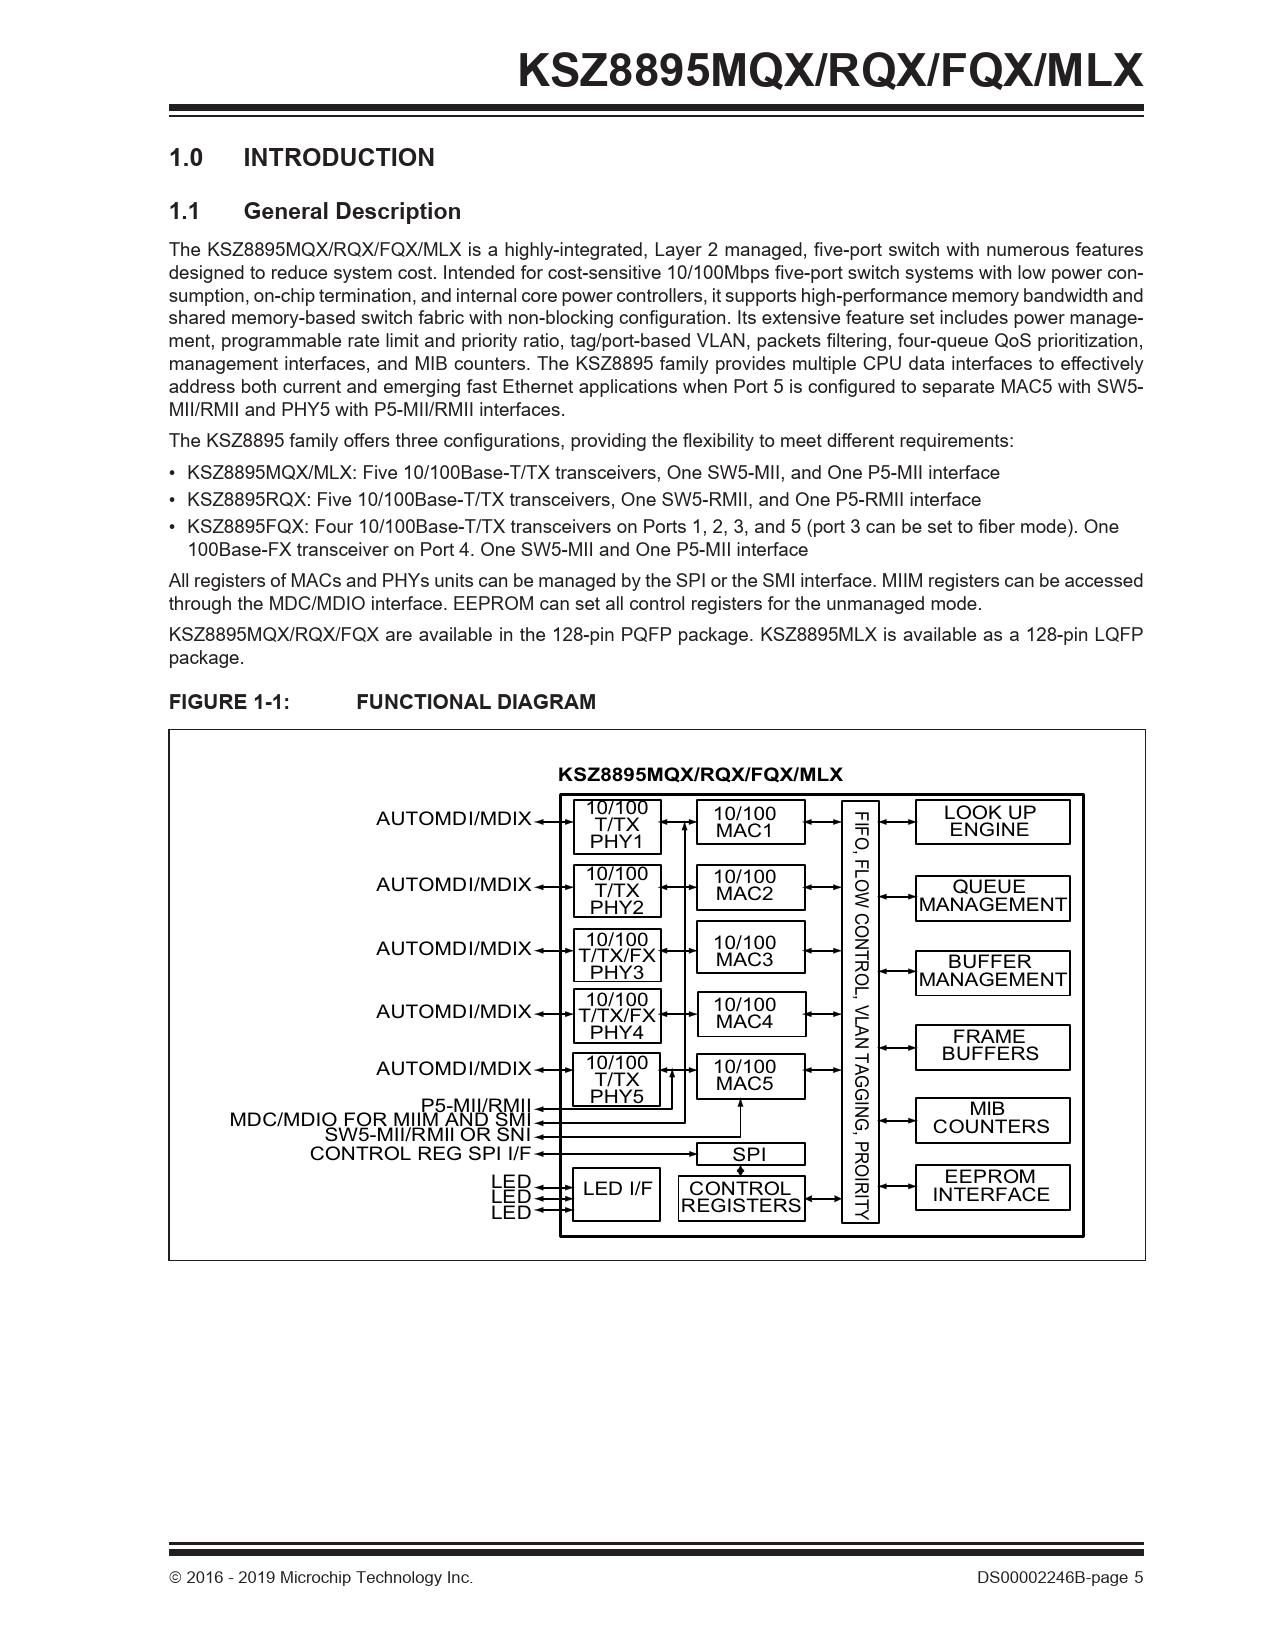 KSZ8895MQX/RQX/FQX/MLX 1.0 INTRODUCTION 1.1 General Description FIGURE 1-1: FUNCTIONAL DIAGRAM